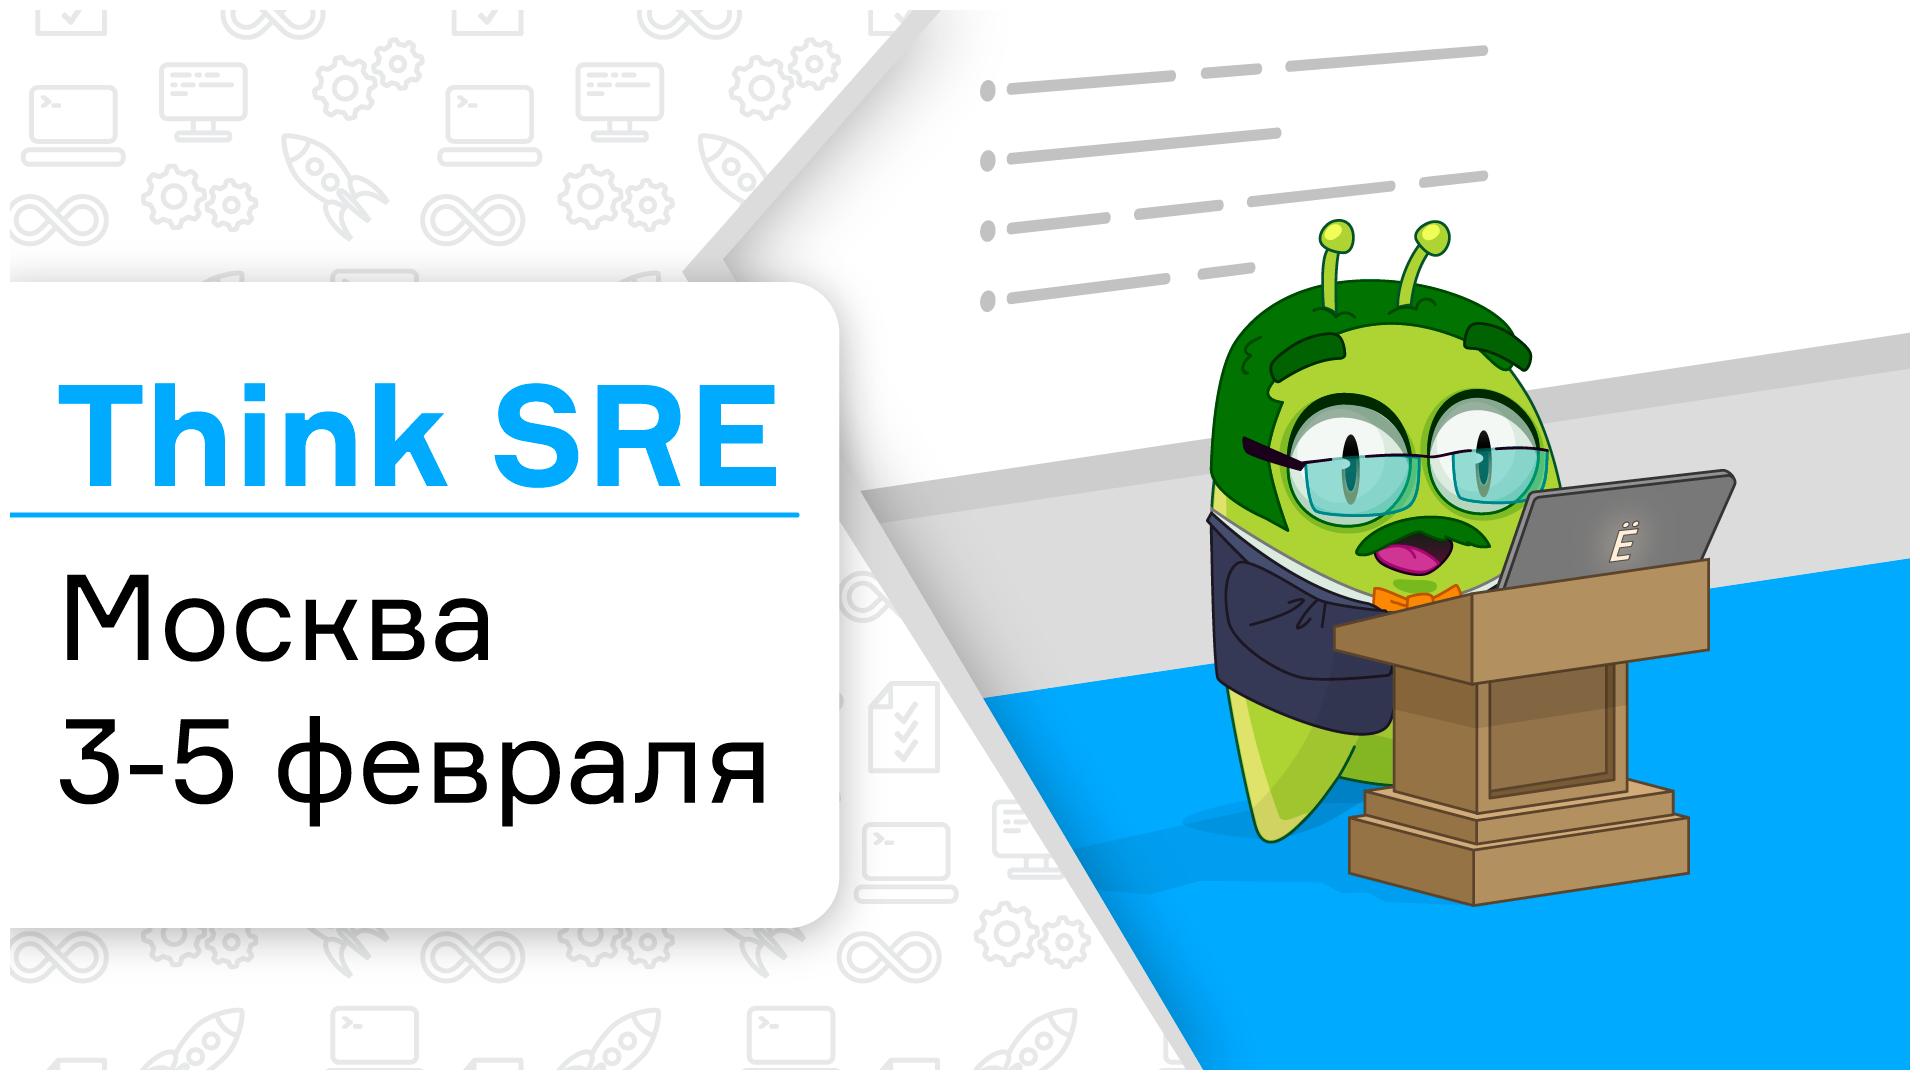 Think SRE: смотрим на проекты глазами SRE-инженера - 1